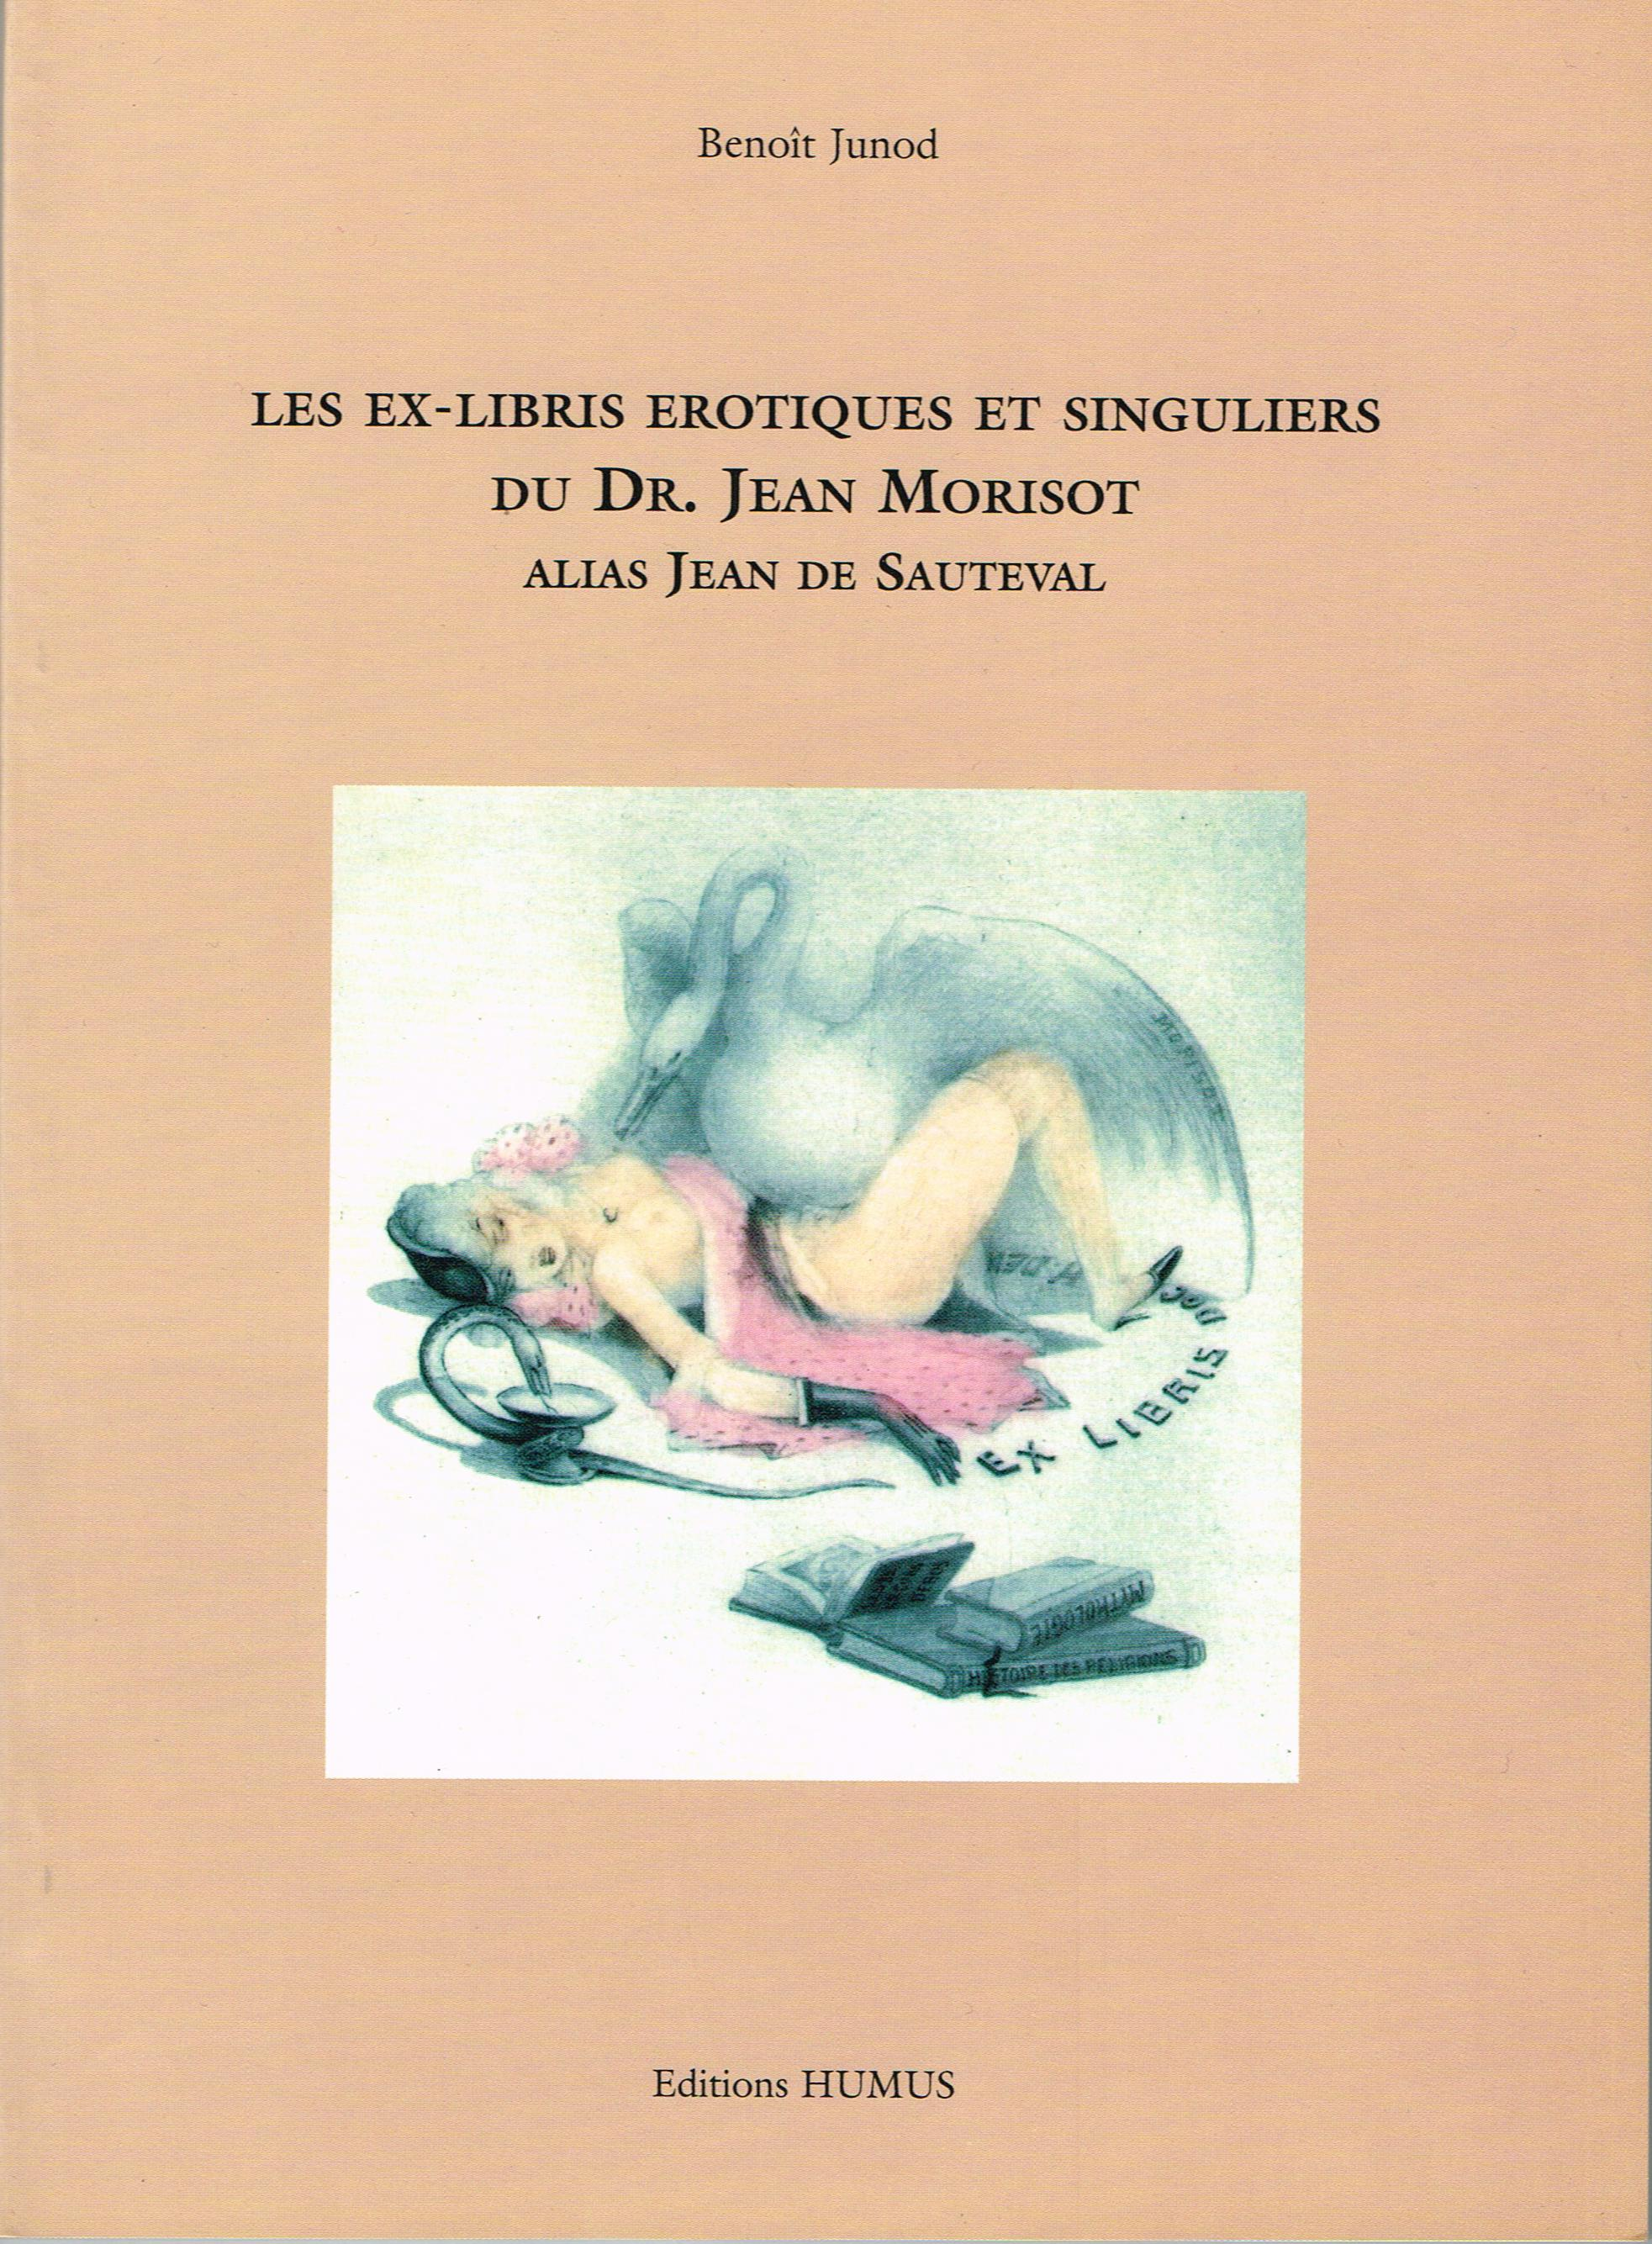 Ex-libris - Jean Morisot